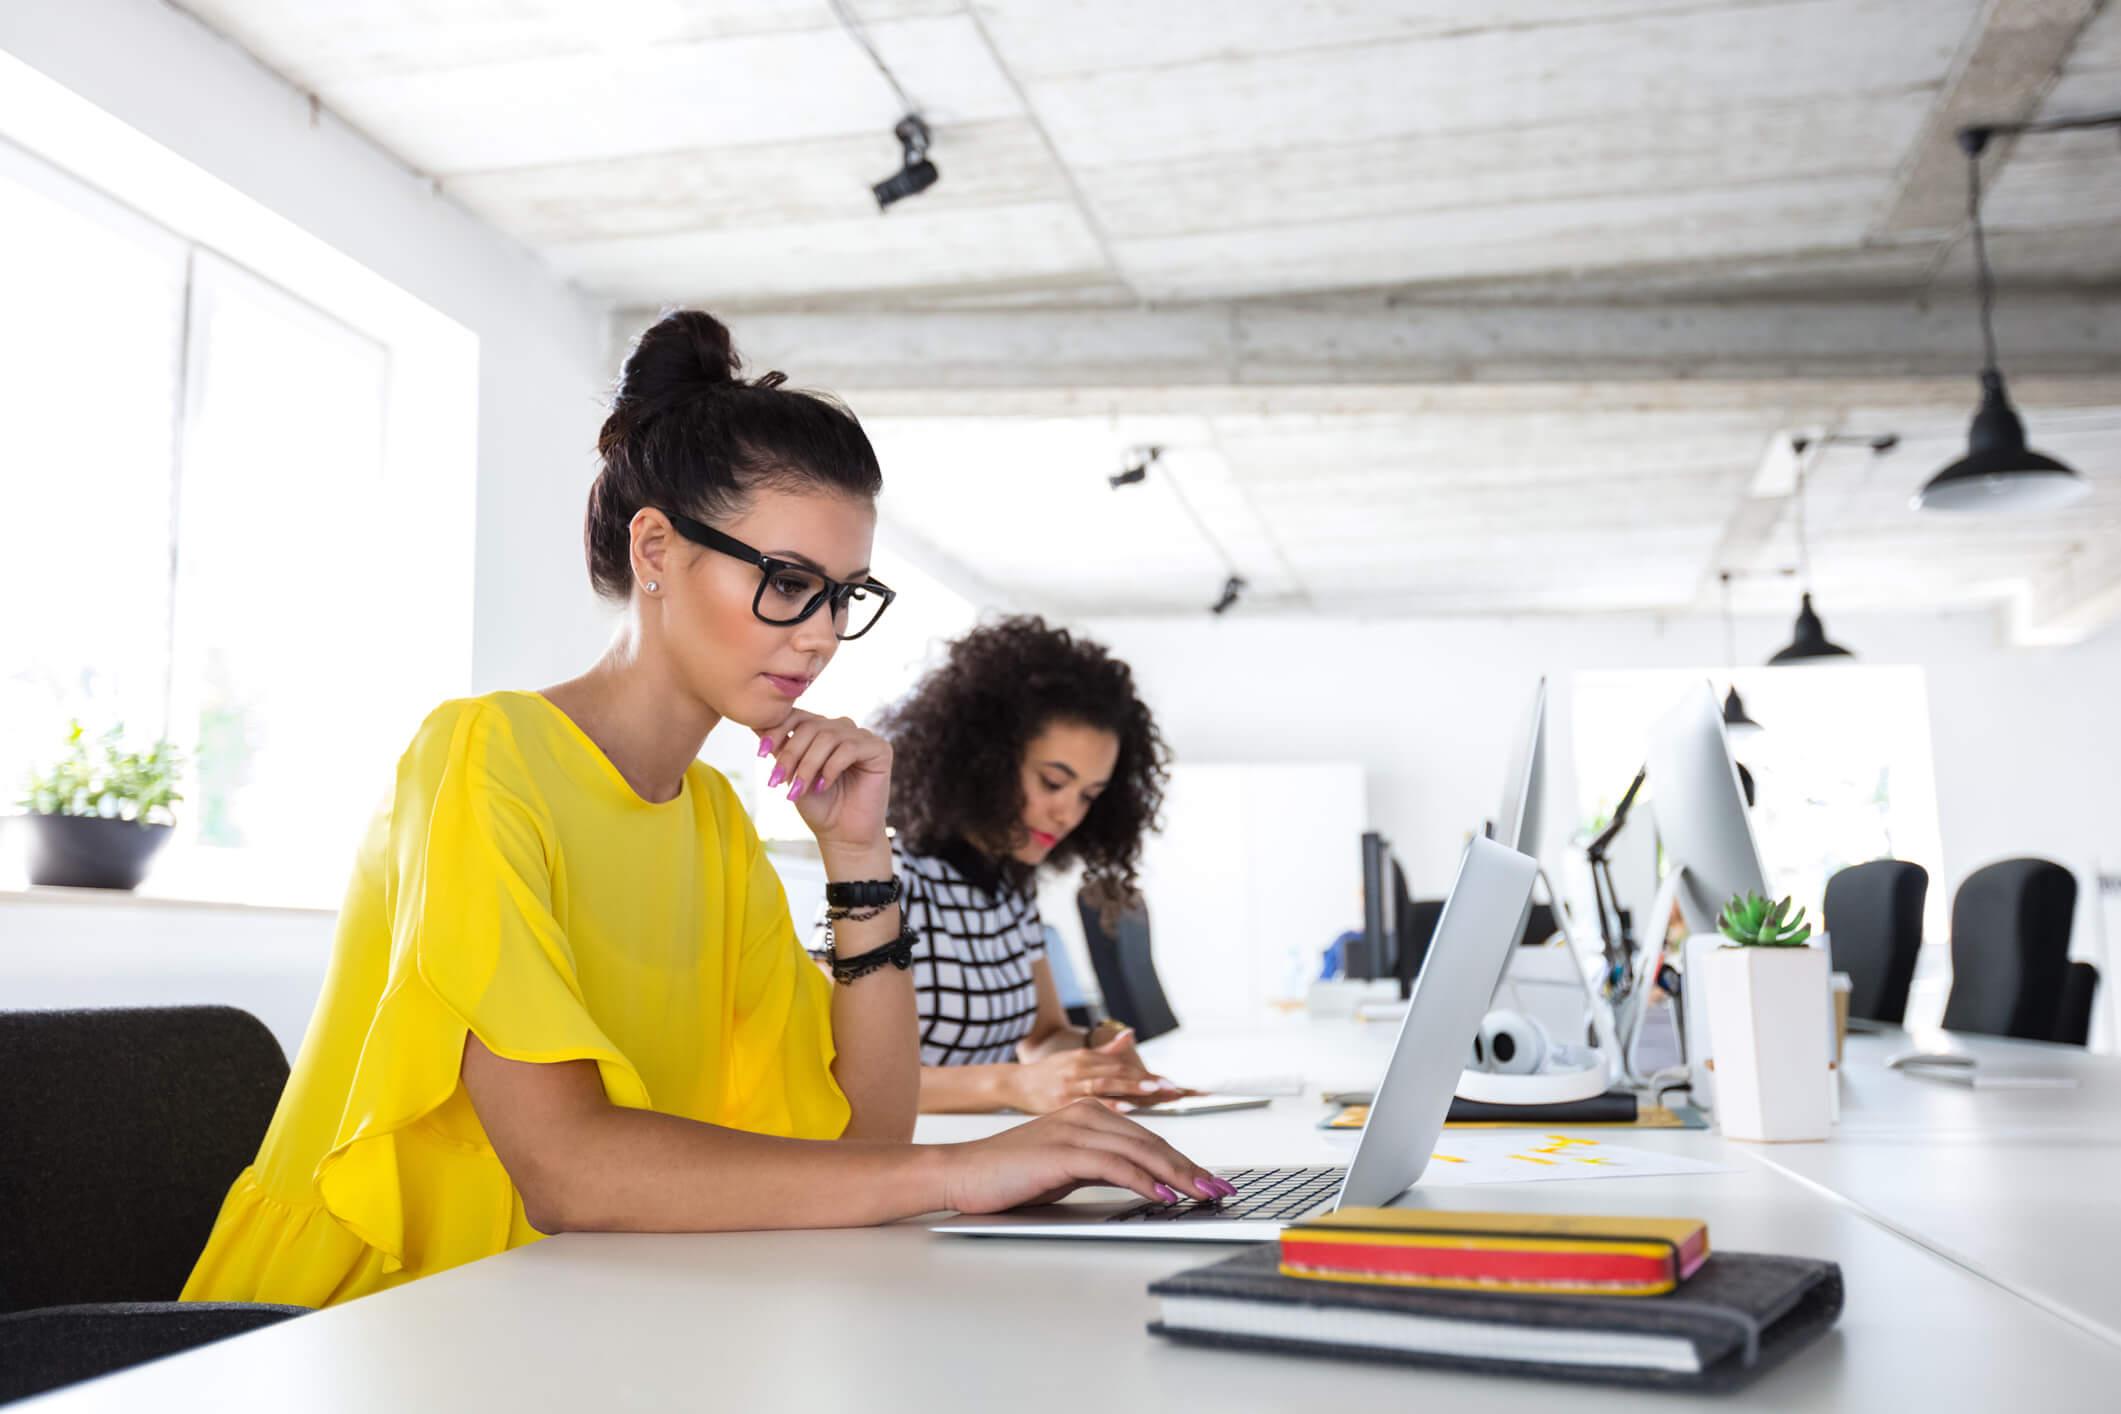 Entenda por que a autonomia no trabalho é tão importante